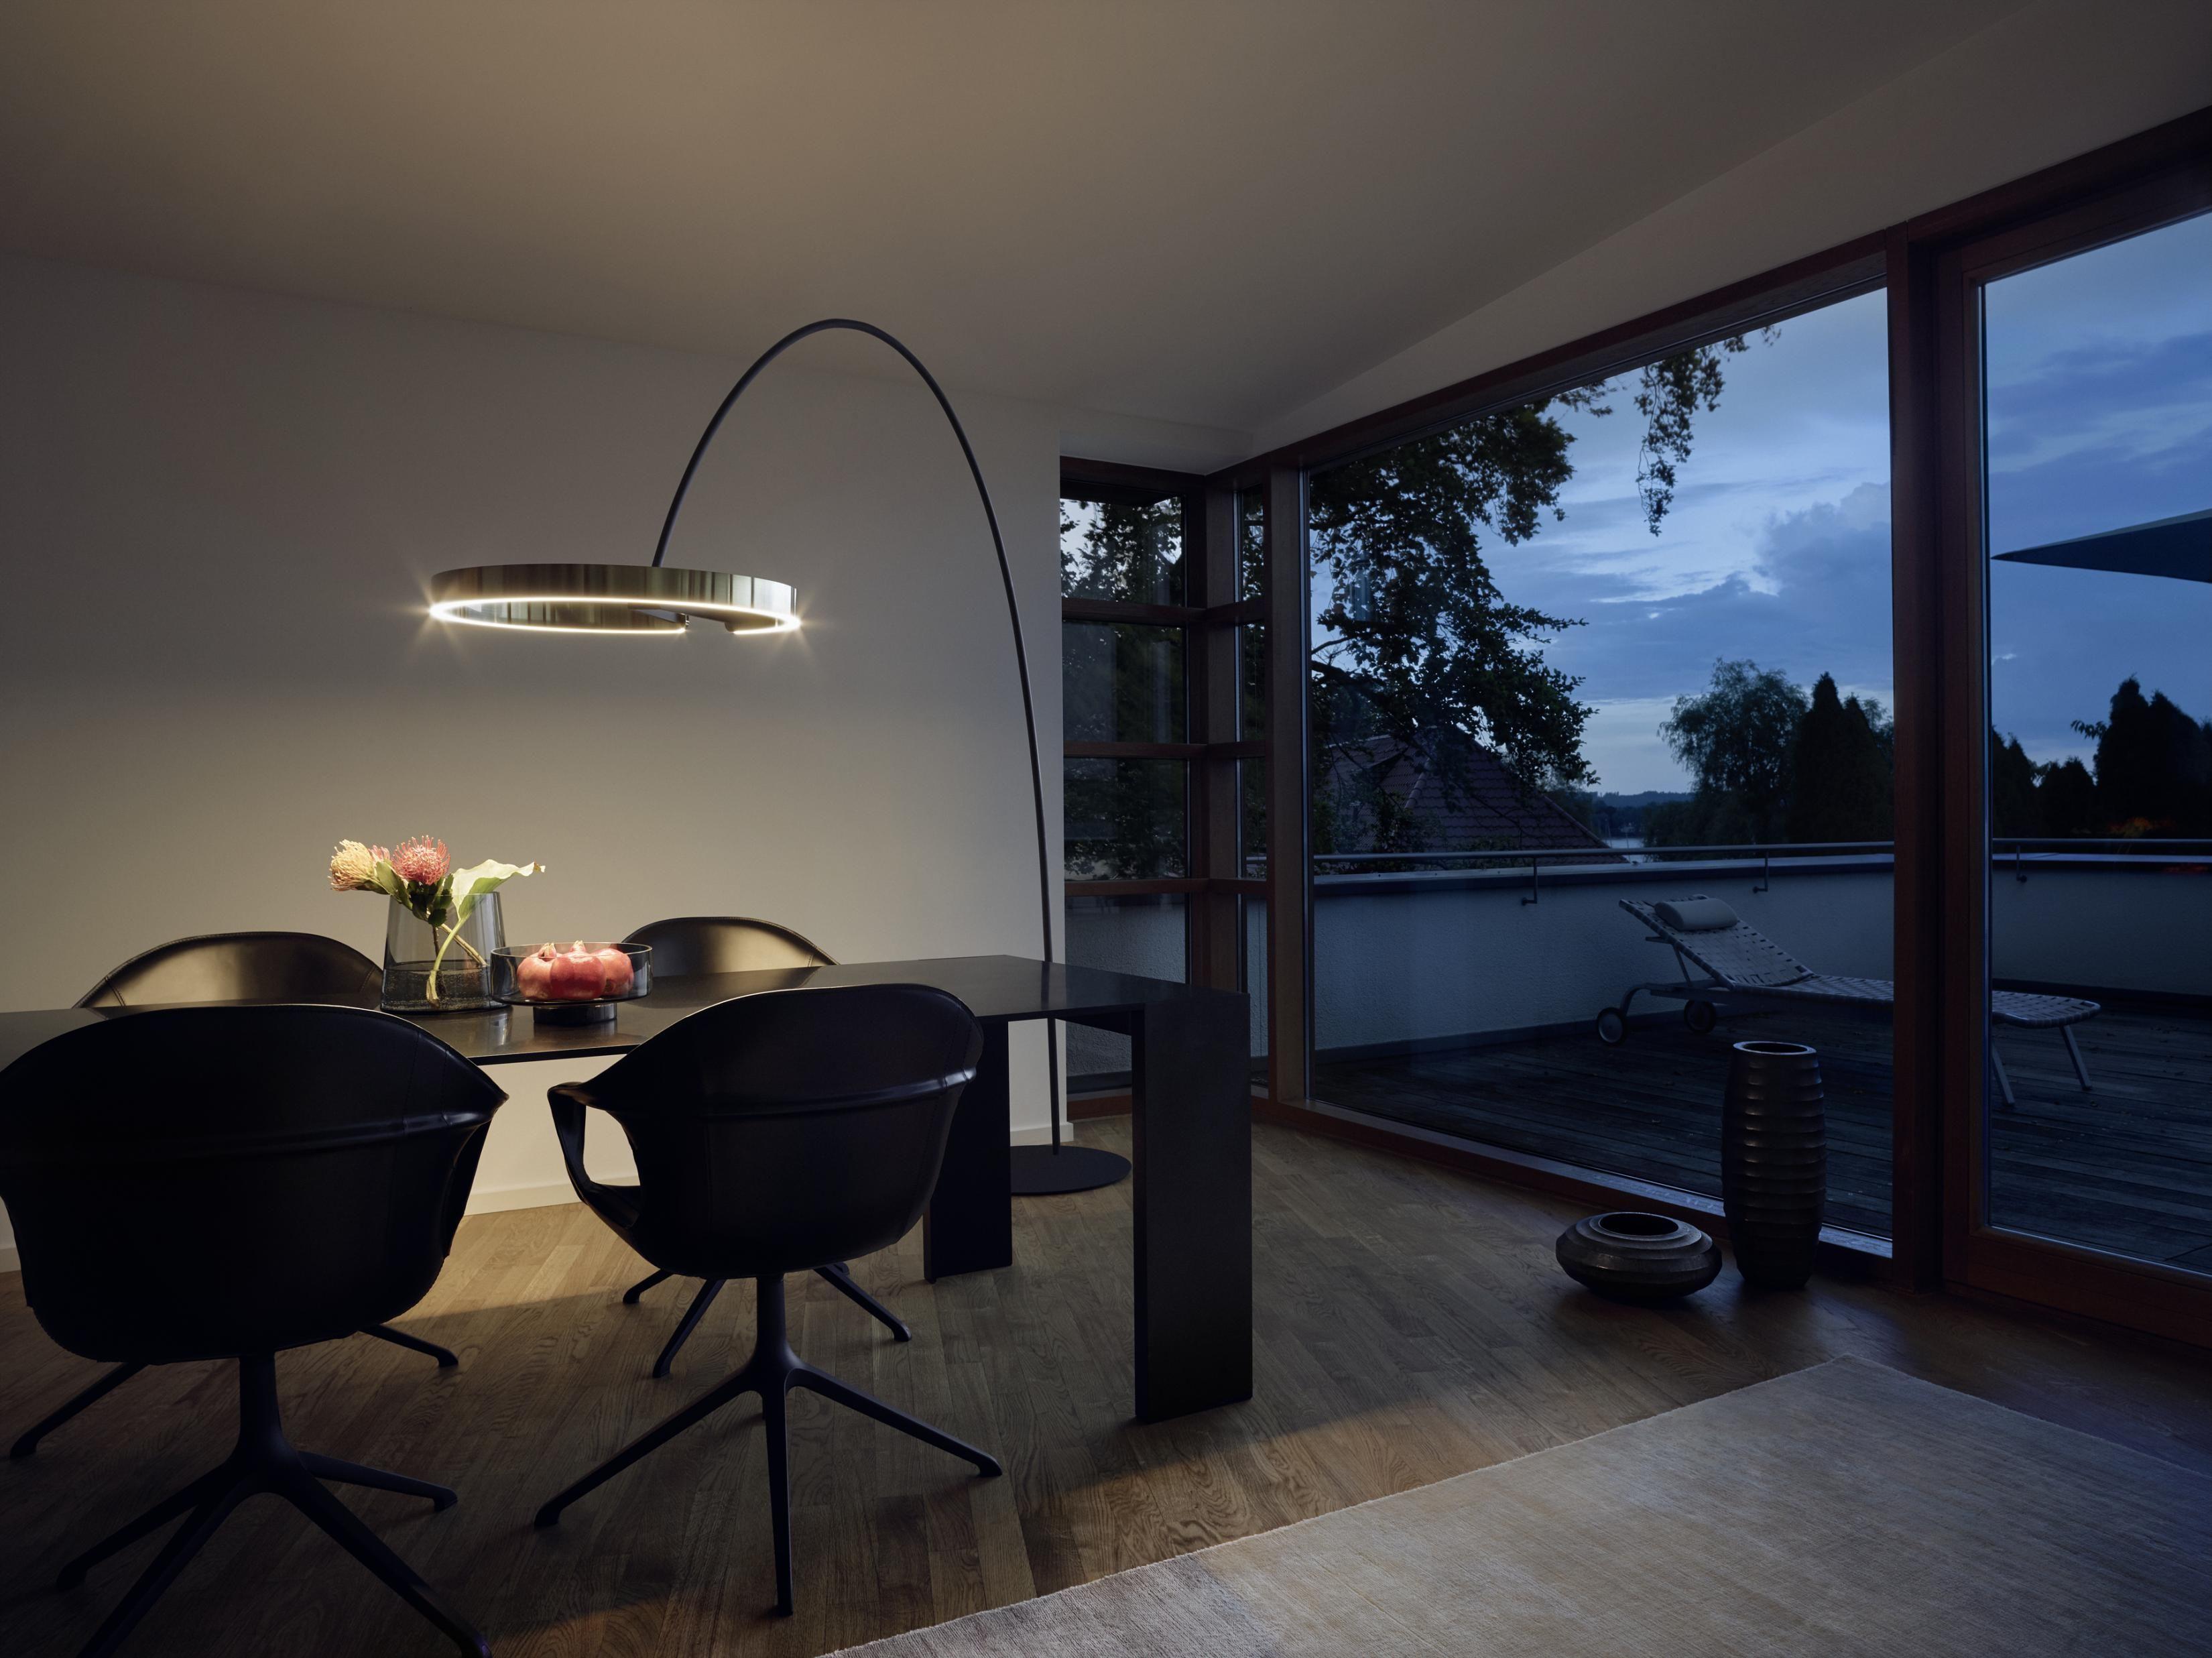 Arc Light Home Lighting Design Lighting Design Lighting